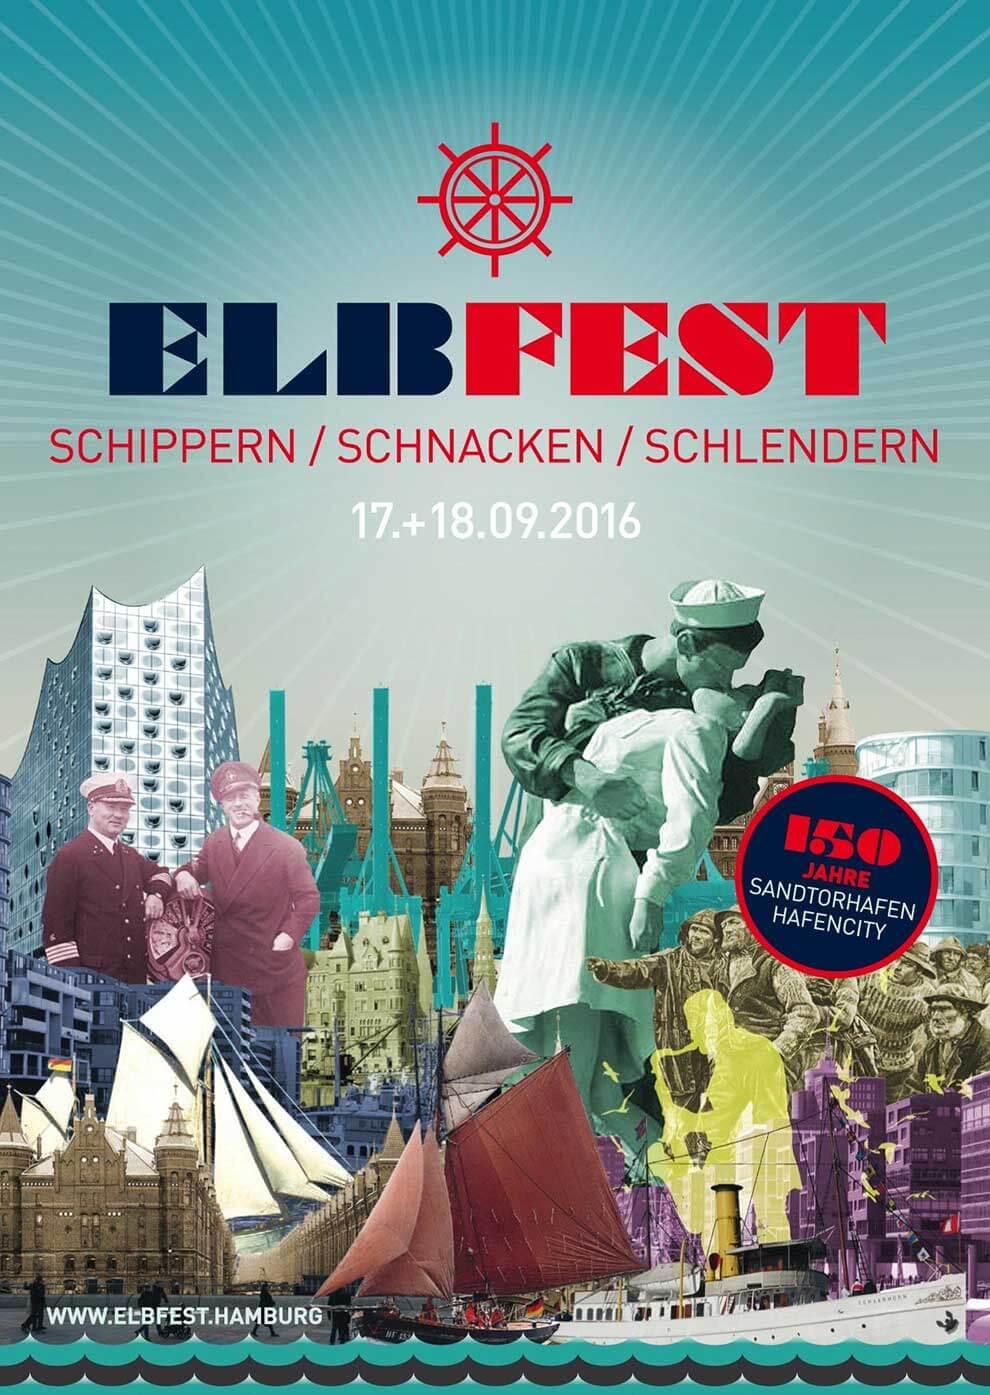 Elbfest.Hamburg – Schippern. Schnacken. Schlendern.